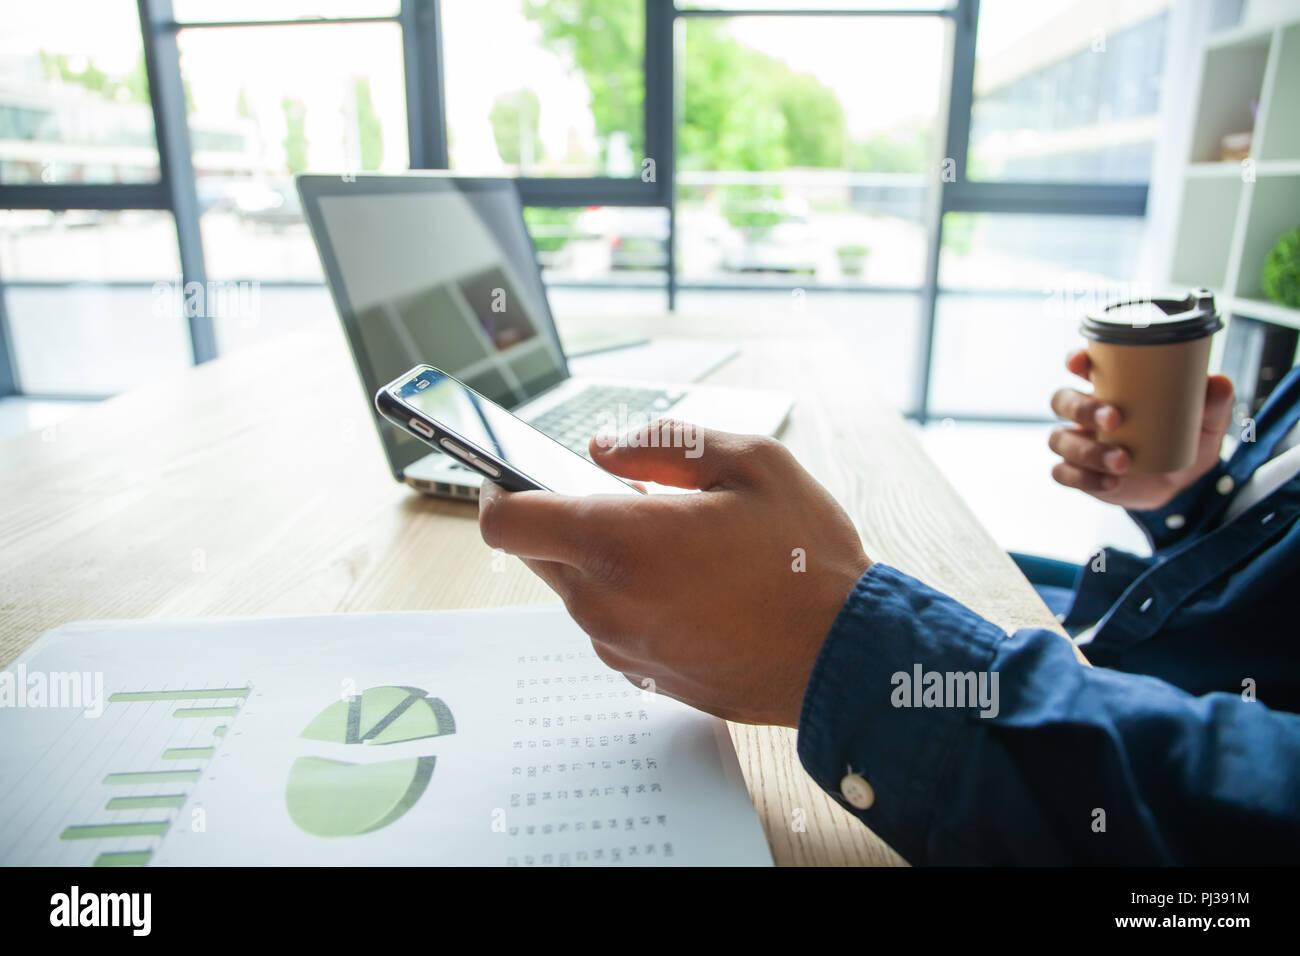 Feliz empresario afroamericano utilizando un teléfono móvil en una oficina. Foto de stock